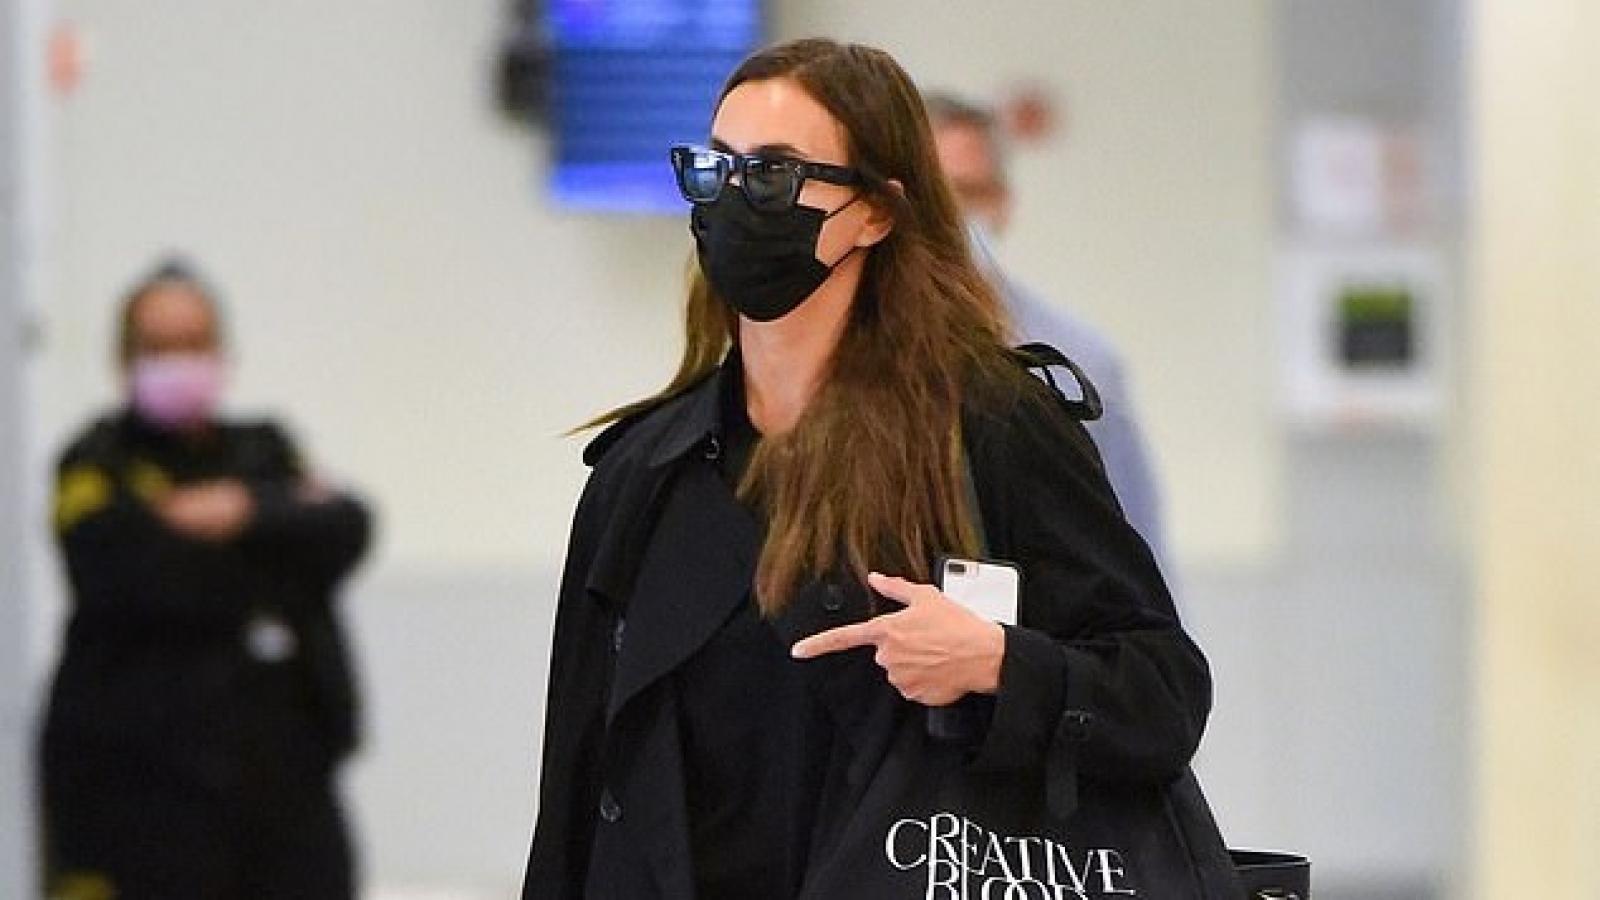 Siêu mẫu Irina Shayk tái xuất sành điệu tại sân bay JFK